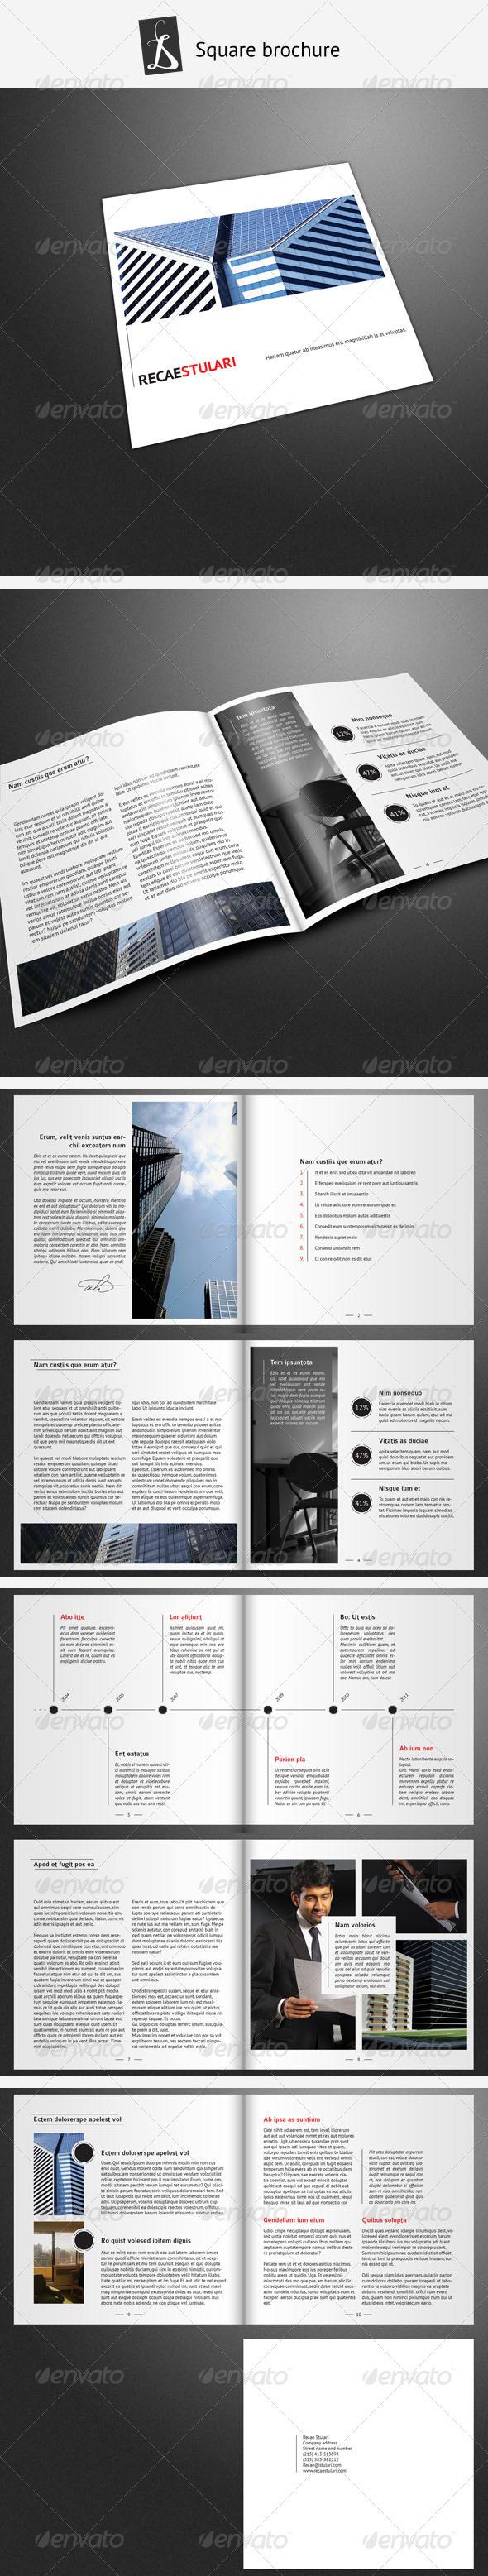 GraphicRiver Corporate Brochure 14 547895